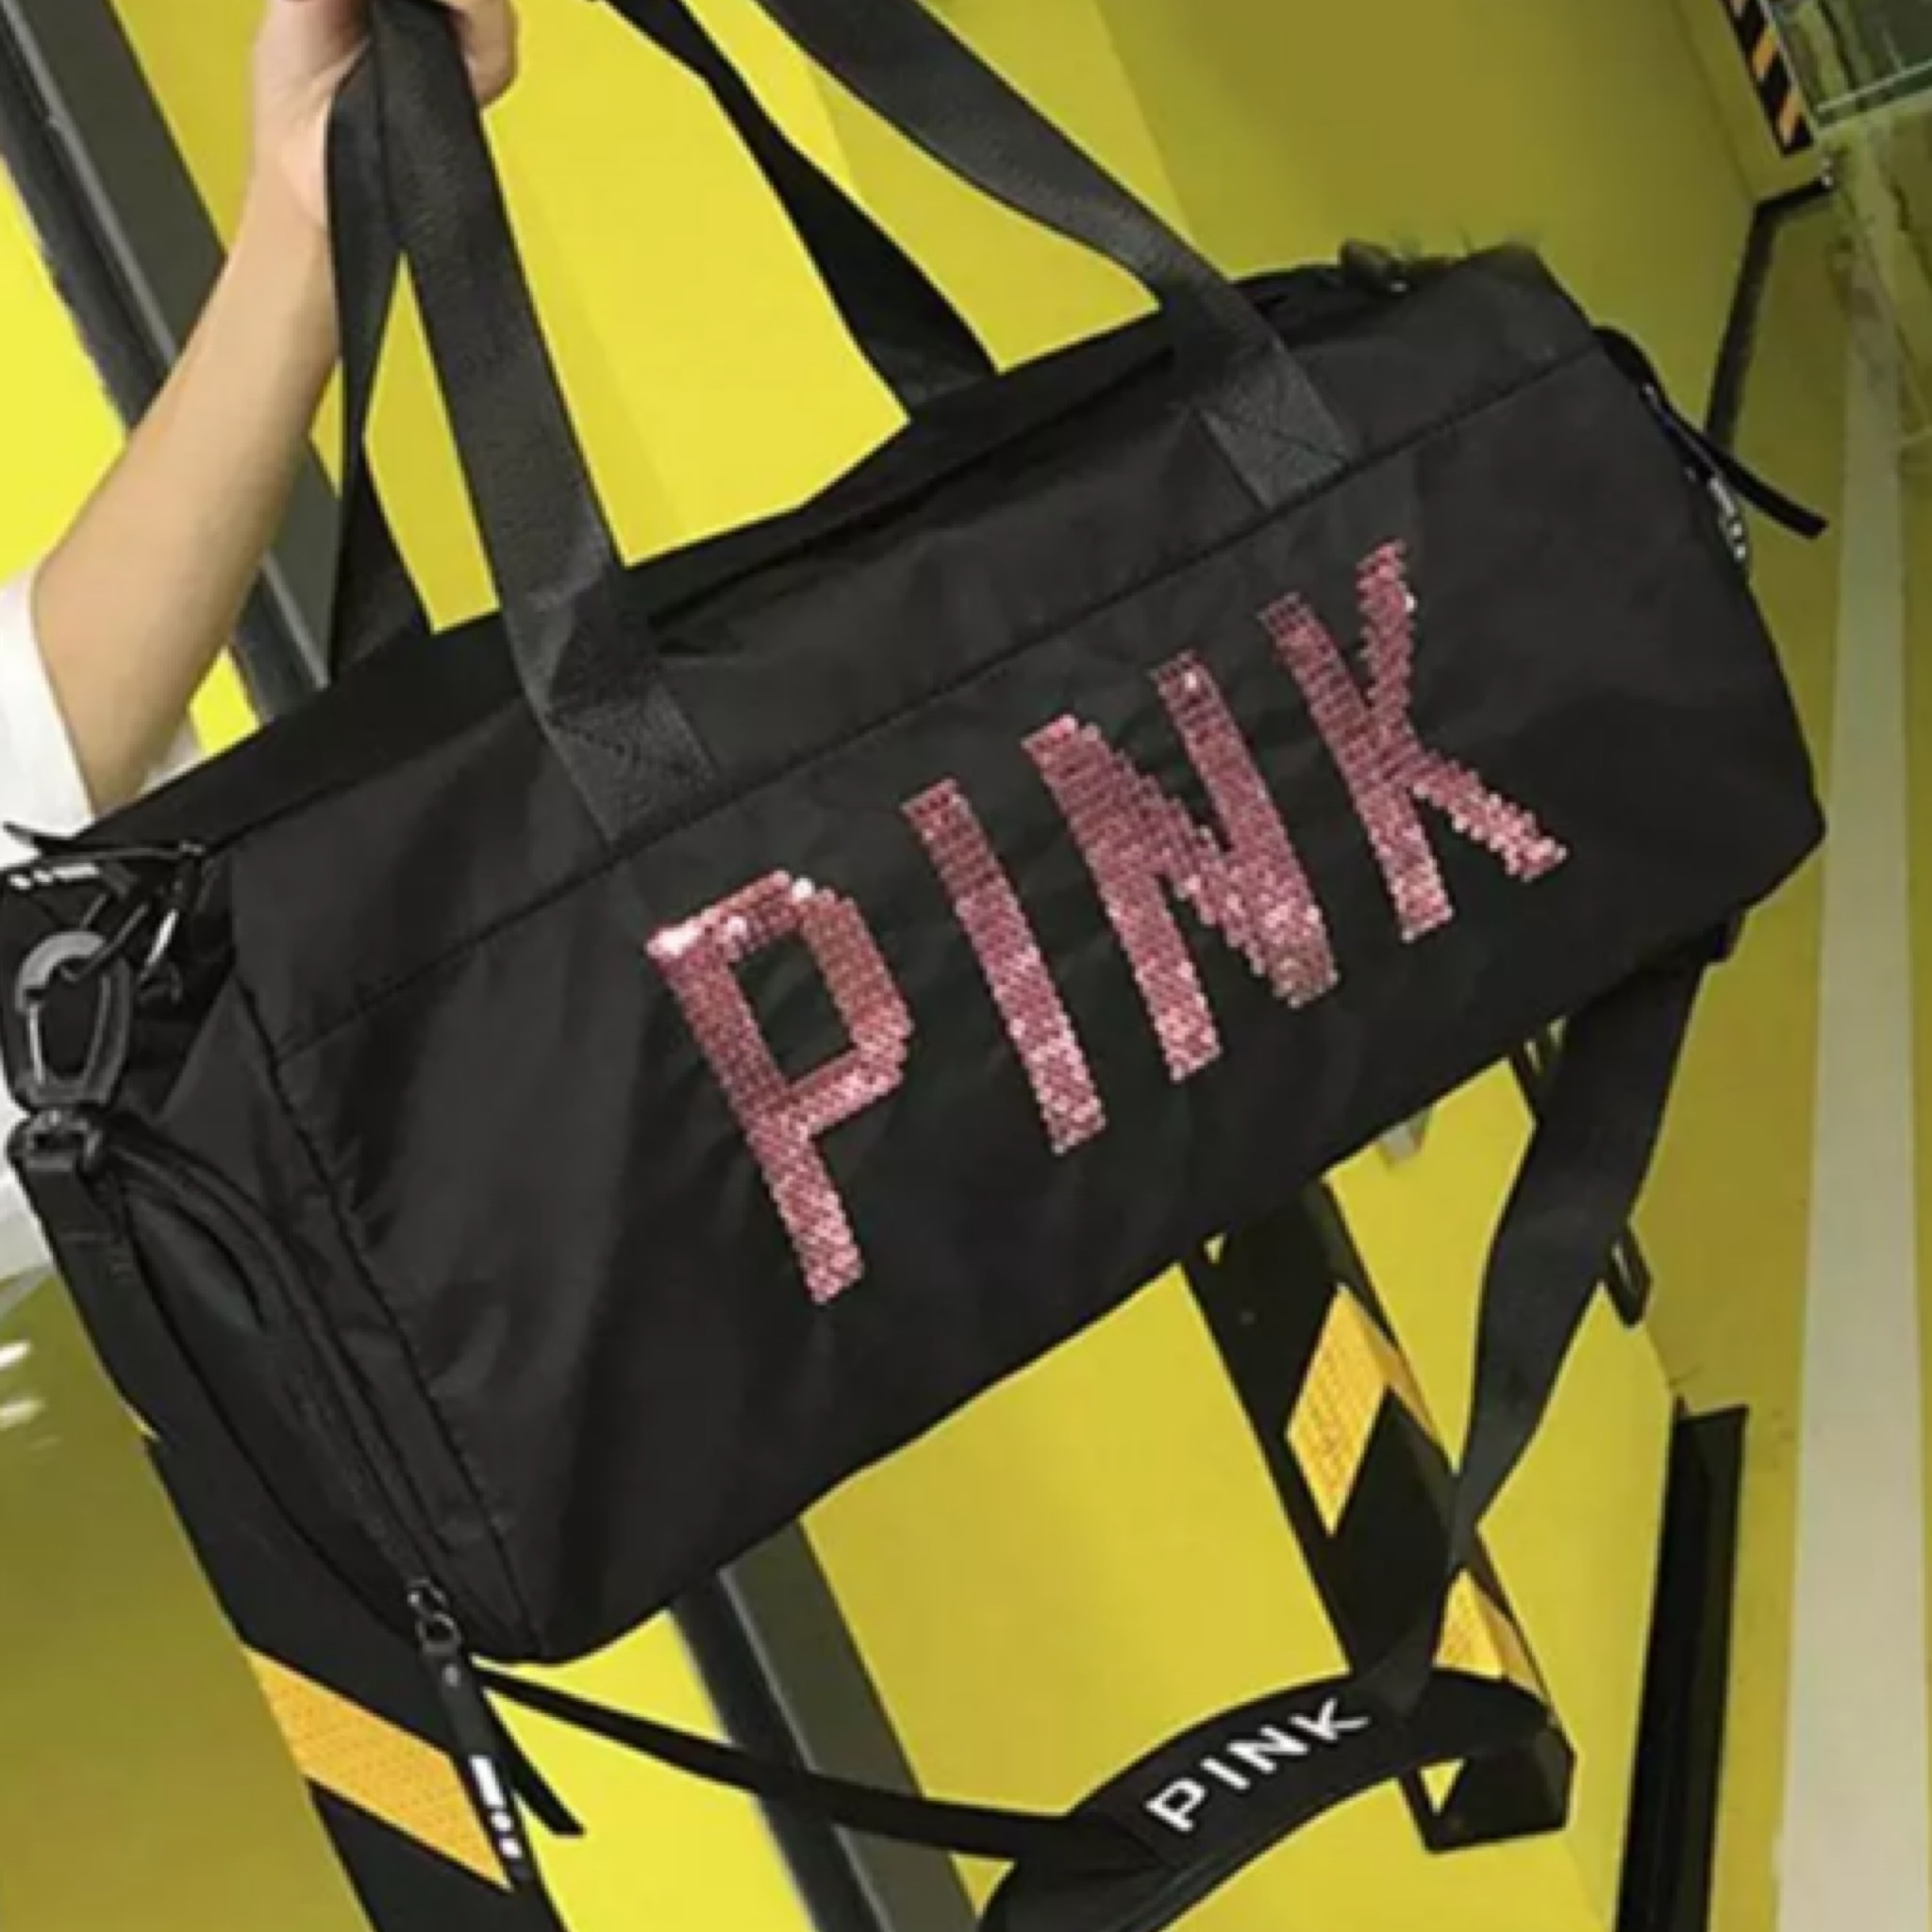 PINKスパンコールロゴナイロンスポーツバッグ/鞄/2色展開/2019AW